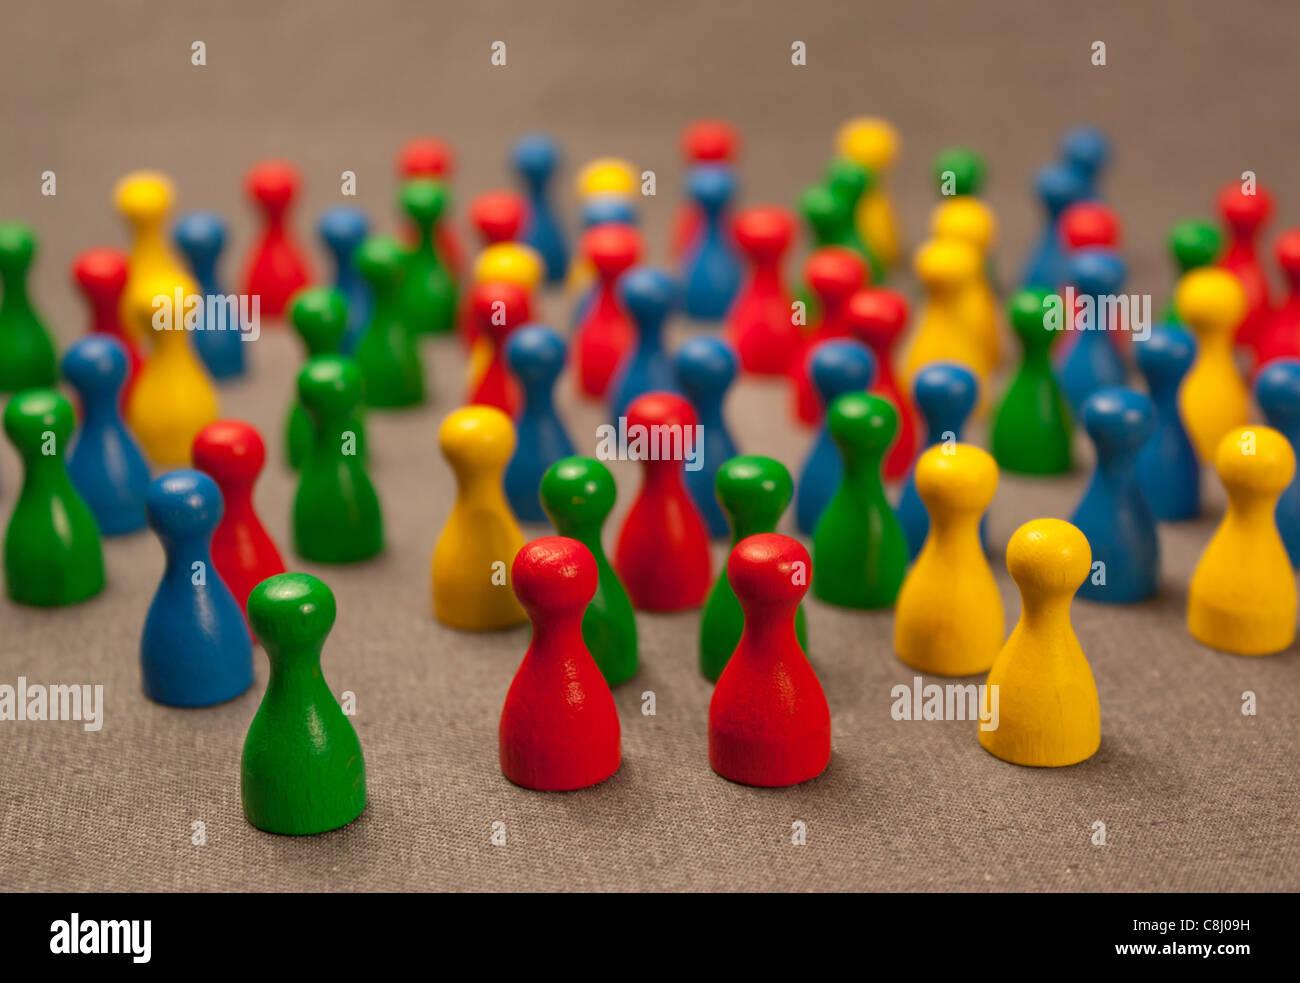 Area affollata fatta di coloratissimi pezzi di gioco. Immagini Stock